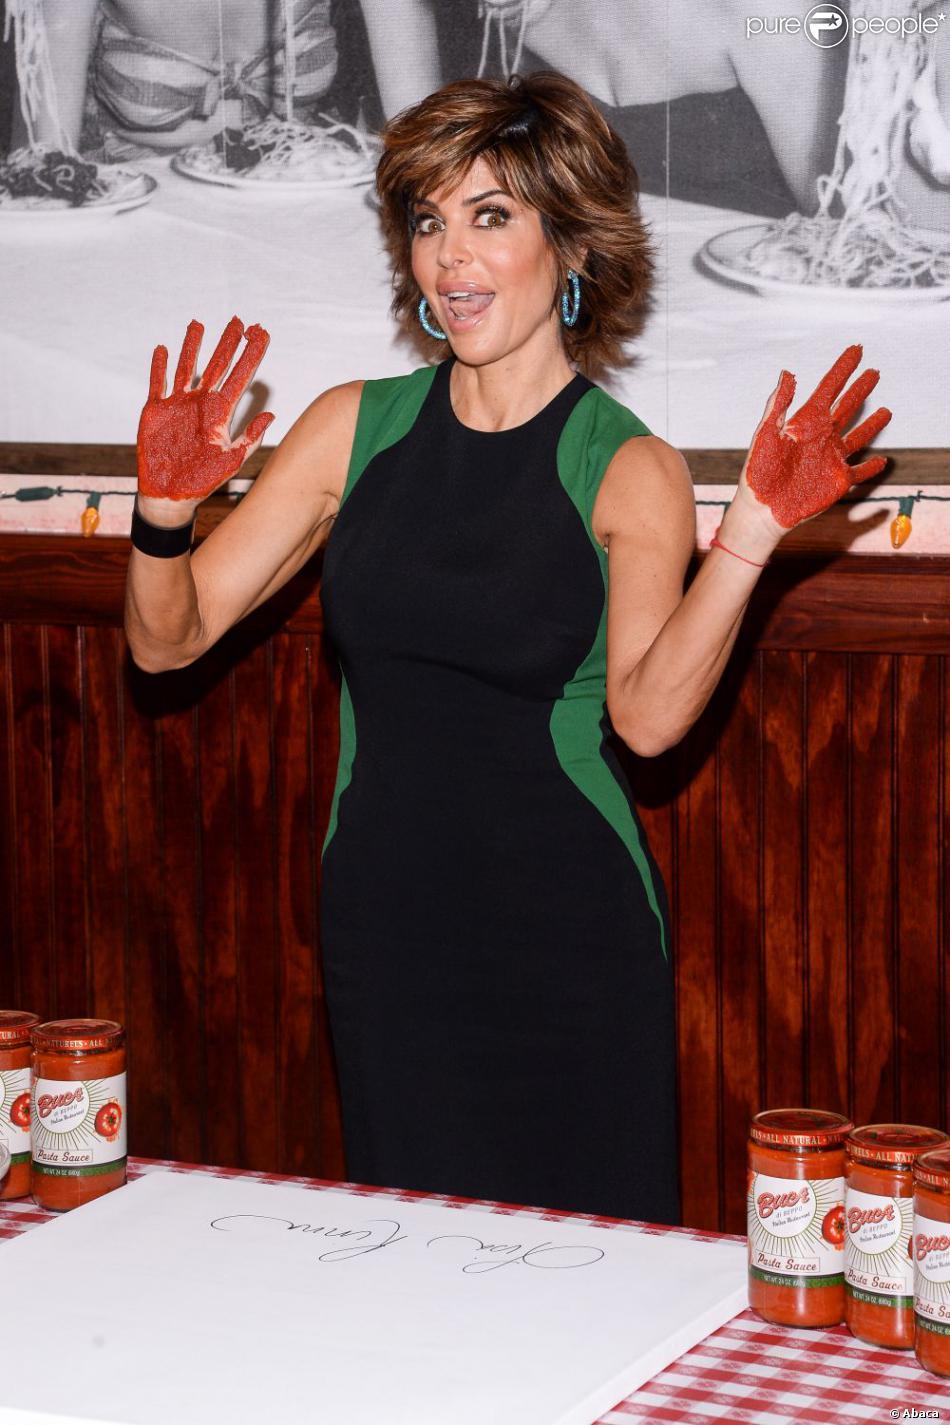 L'actrice Lisa Rinna a laissé ses empreintes de mains au restaurant Buca di Beppo à New York. Elles ont été réalisées avec de la sauce tomate. Le 13 mai 2013.